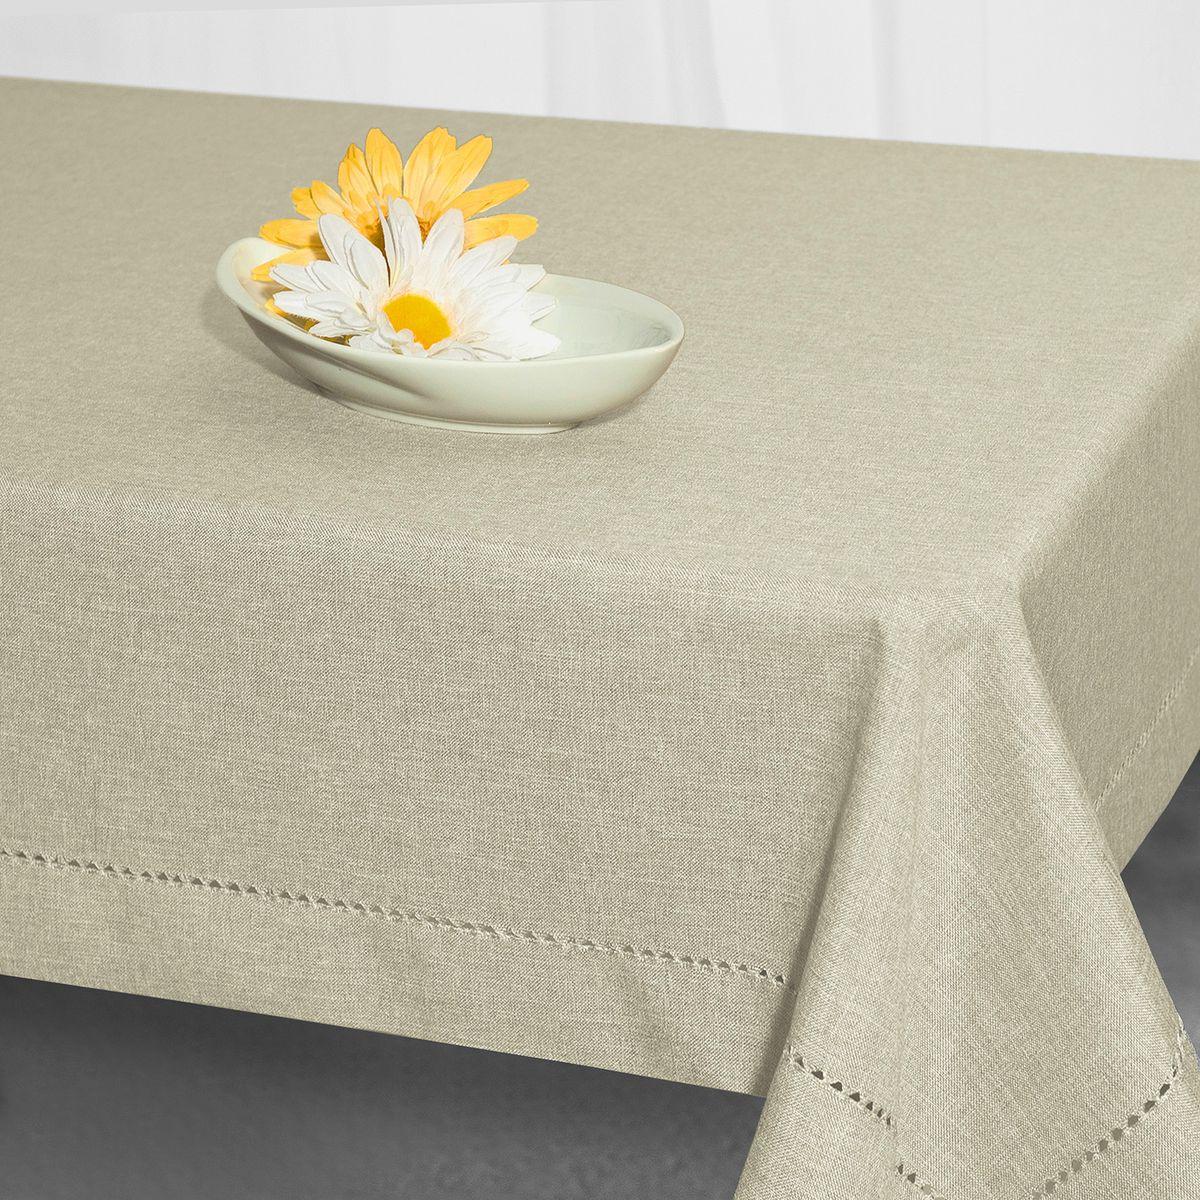 Скатерть Schaefer, прямоугольная, цвет: серый, 135 x 225 см. 07600-449